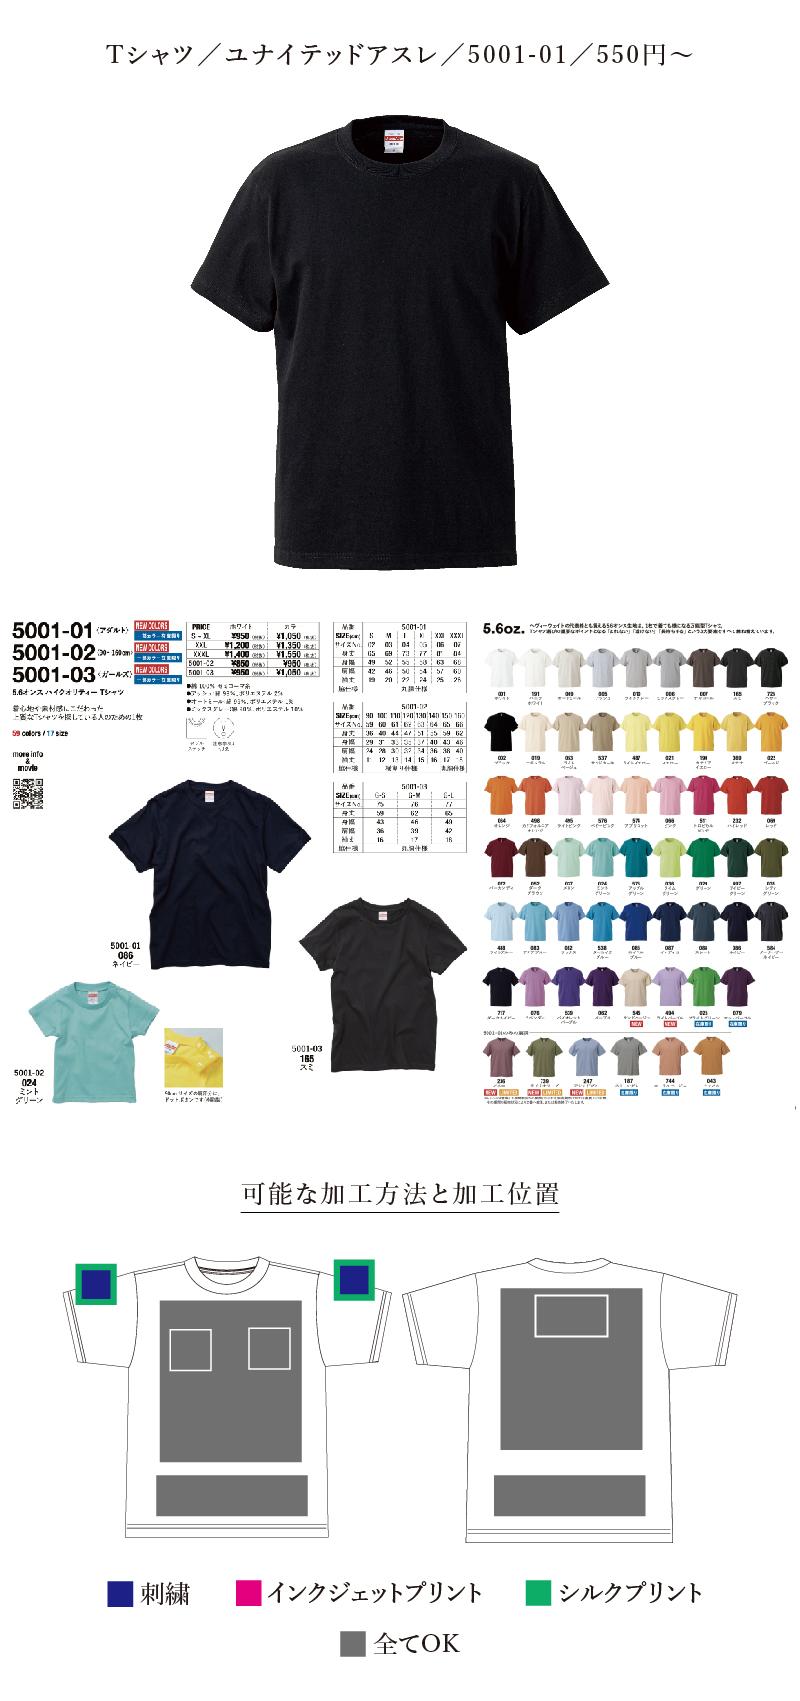 【Tシャツ】おすすめボディ Tシャツ/ユナイテッドアスレ/5001-01/550円から